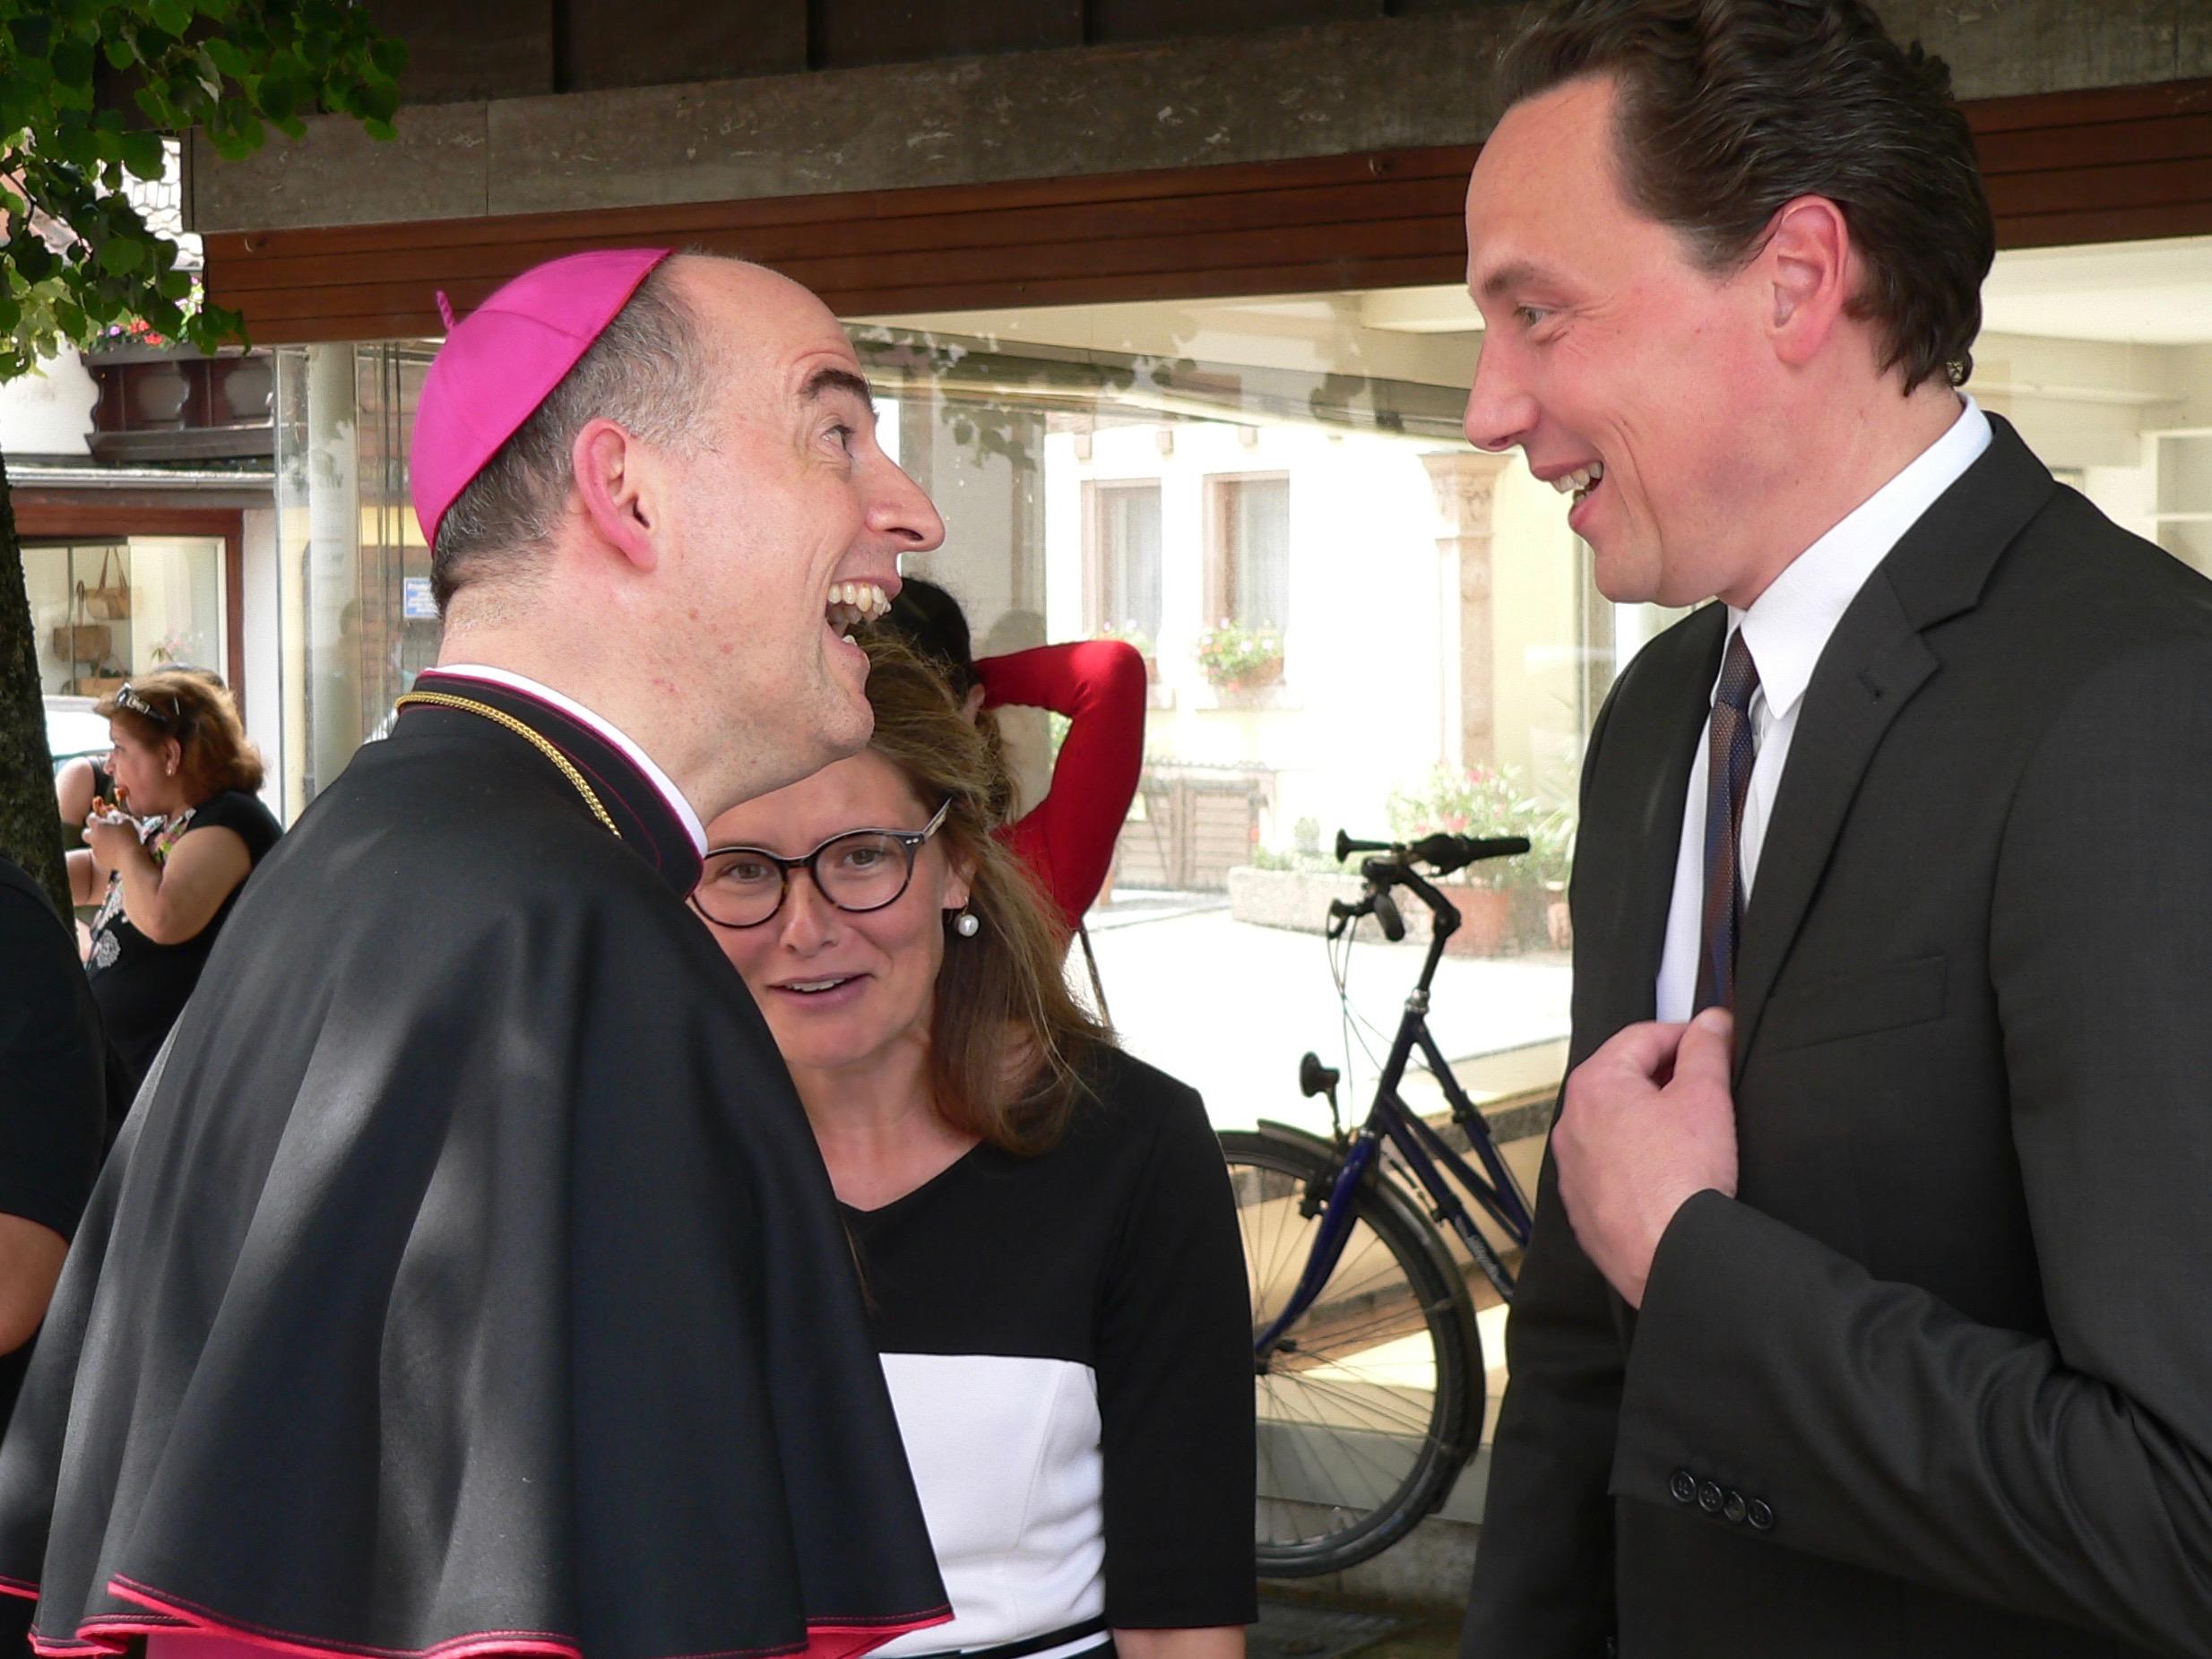 Bischof Dr. Franz Jung scheint zum Scherzen aufgelegt, als ihn Lohrs Bürgermeister Dr. Mario Paul und Main-Spessarts stellvertretende Landrätin Sabine Sitter herzlich willkommen heißen. | Foto: B. Schneider